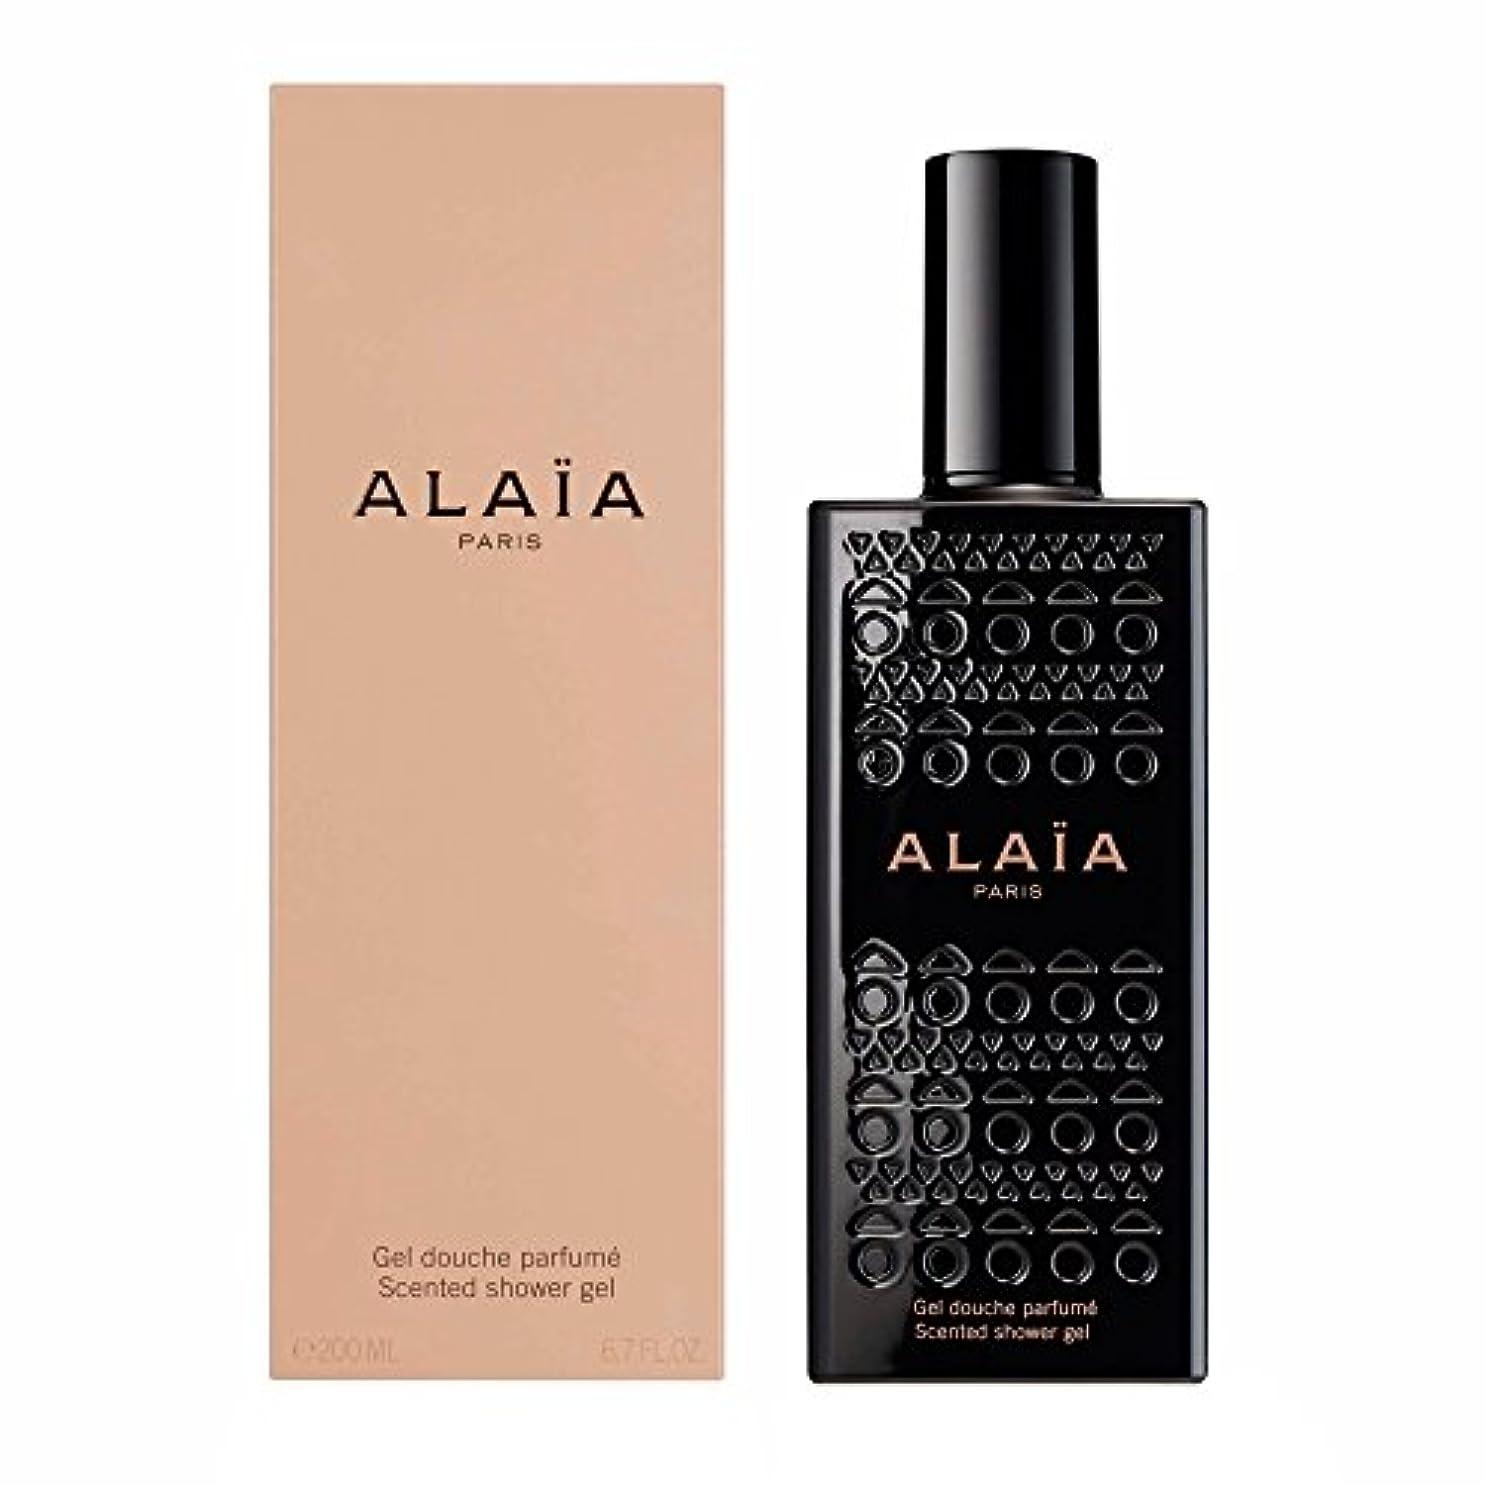 厳密に香り広範囲にアライアパリシャワージェル200ミリリットル (ALA?A Paris) - ALA?A Paris Shower Gel 200ml [並行輸入品]